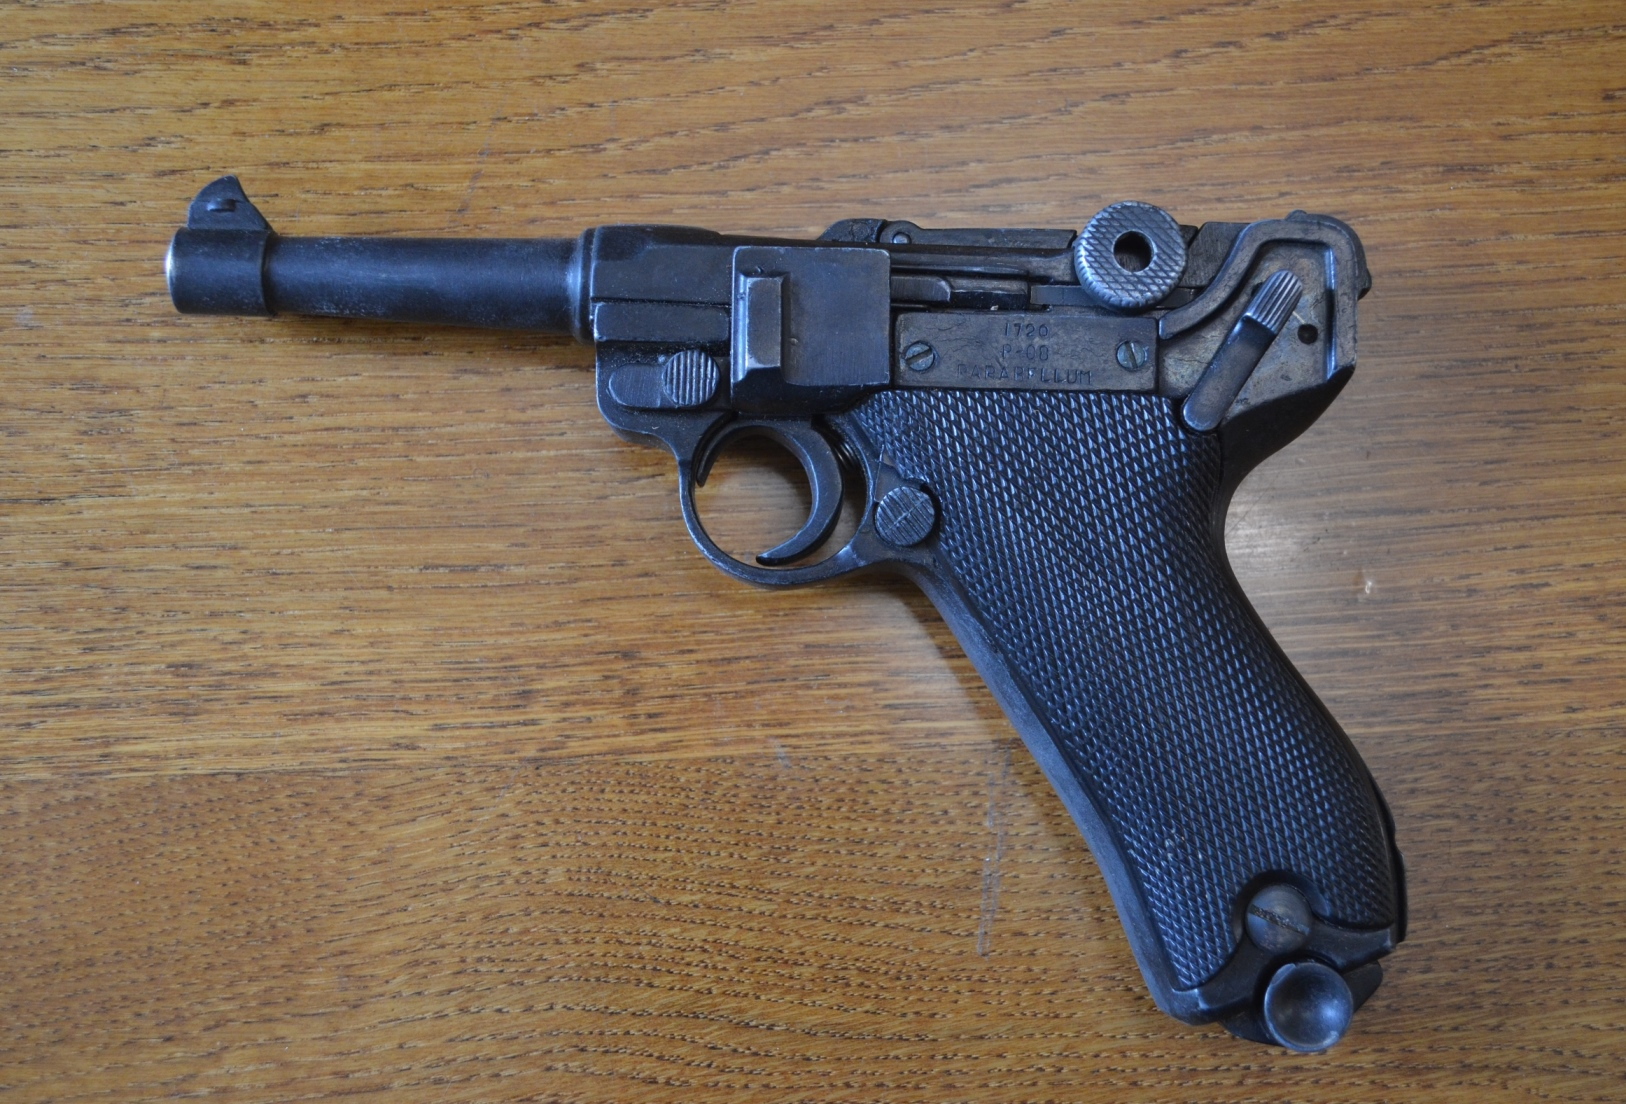 Парабелум пістолет, калібру 9 мм, зразка 1908 р.